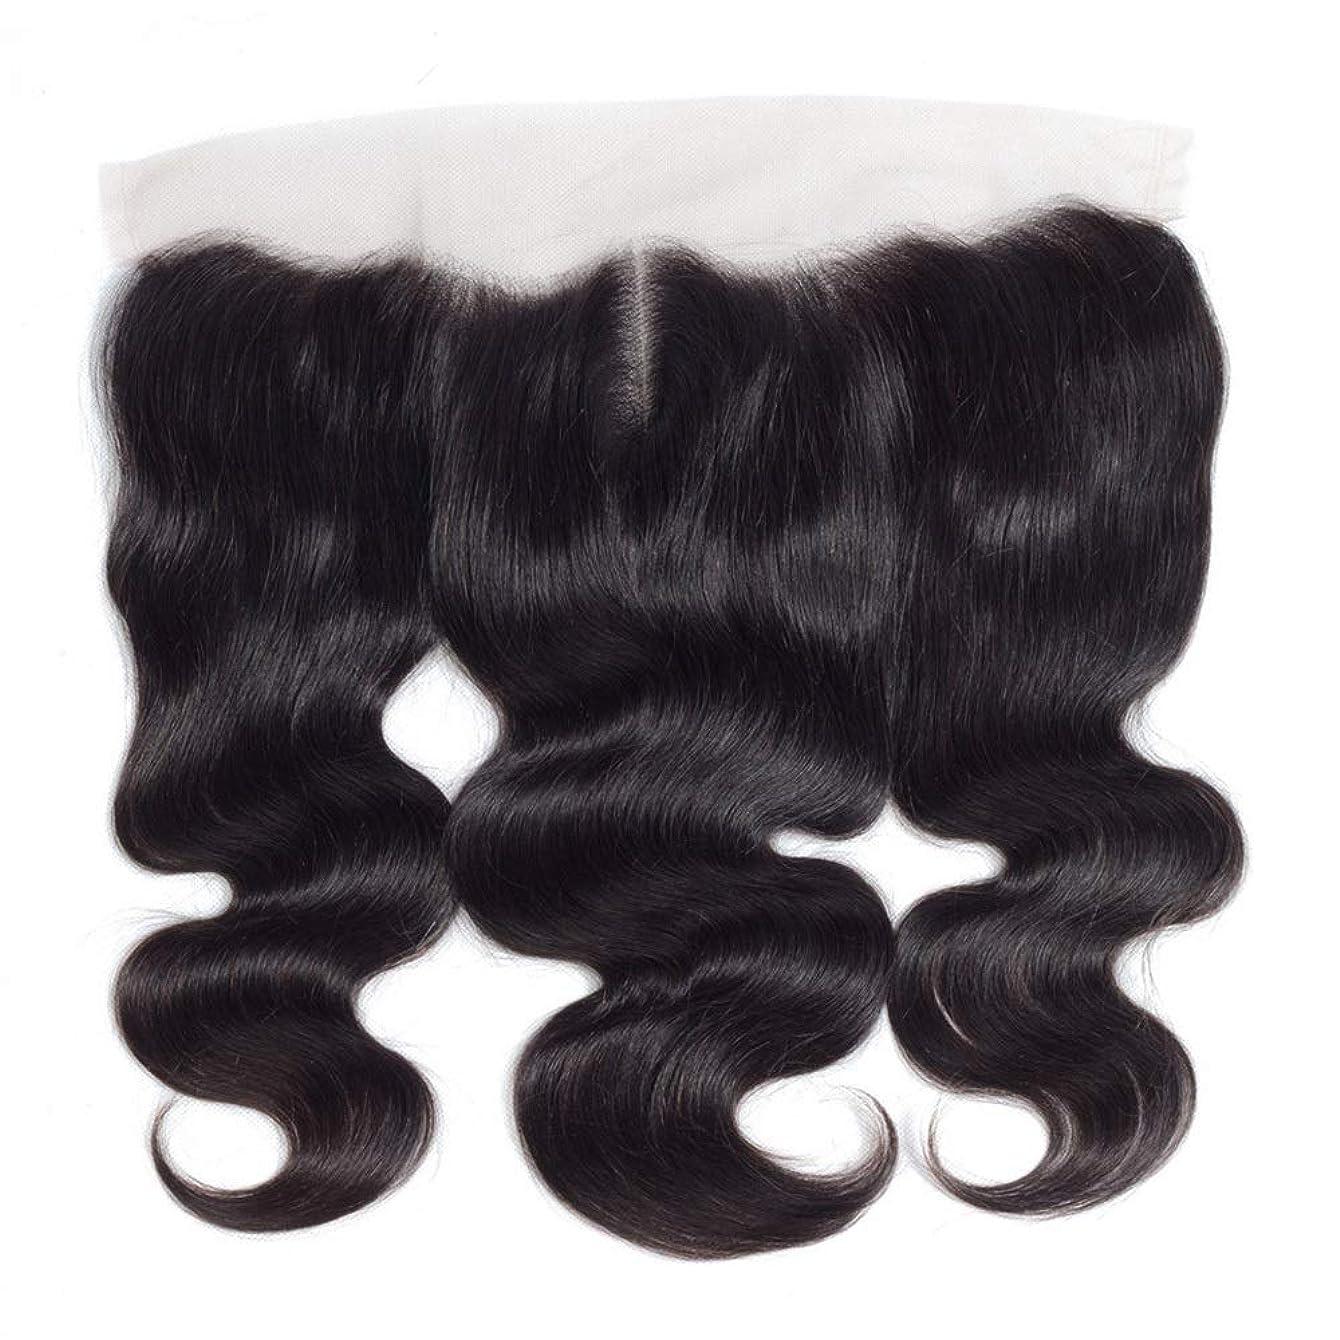 負荷証明シェアYESONEEP 13 * 4レース前頭閉鎖人間の髪の毛の部分 - ブラジル実体波トップミドル別れ長い巻き毛のかつら (色 : 黒, サイズ : 16 inch)